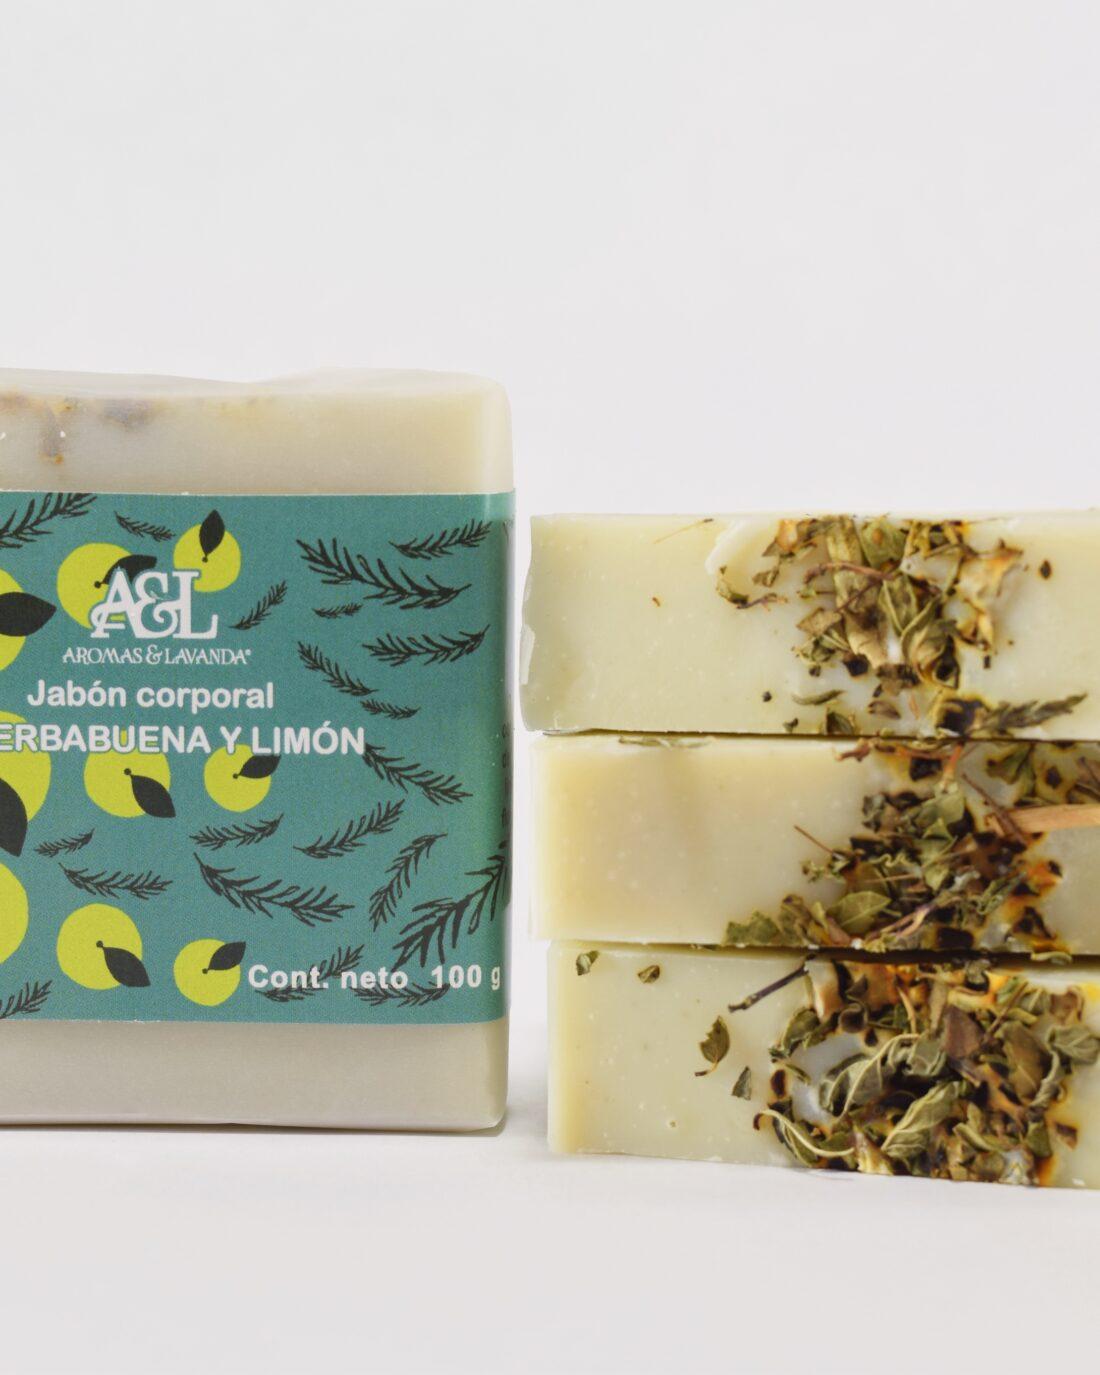 Jabón artesanal de hierbabuena con limón refrescante